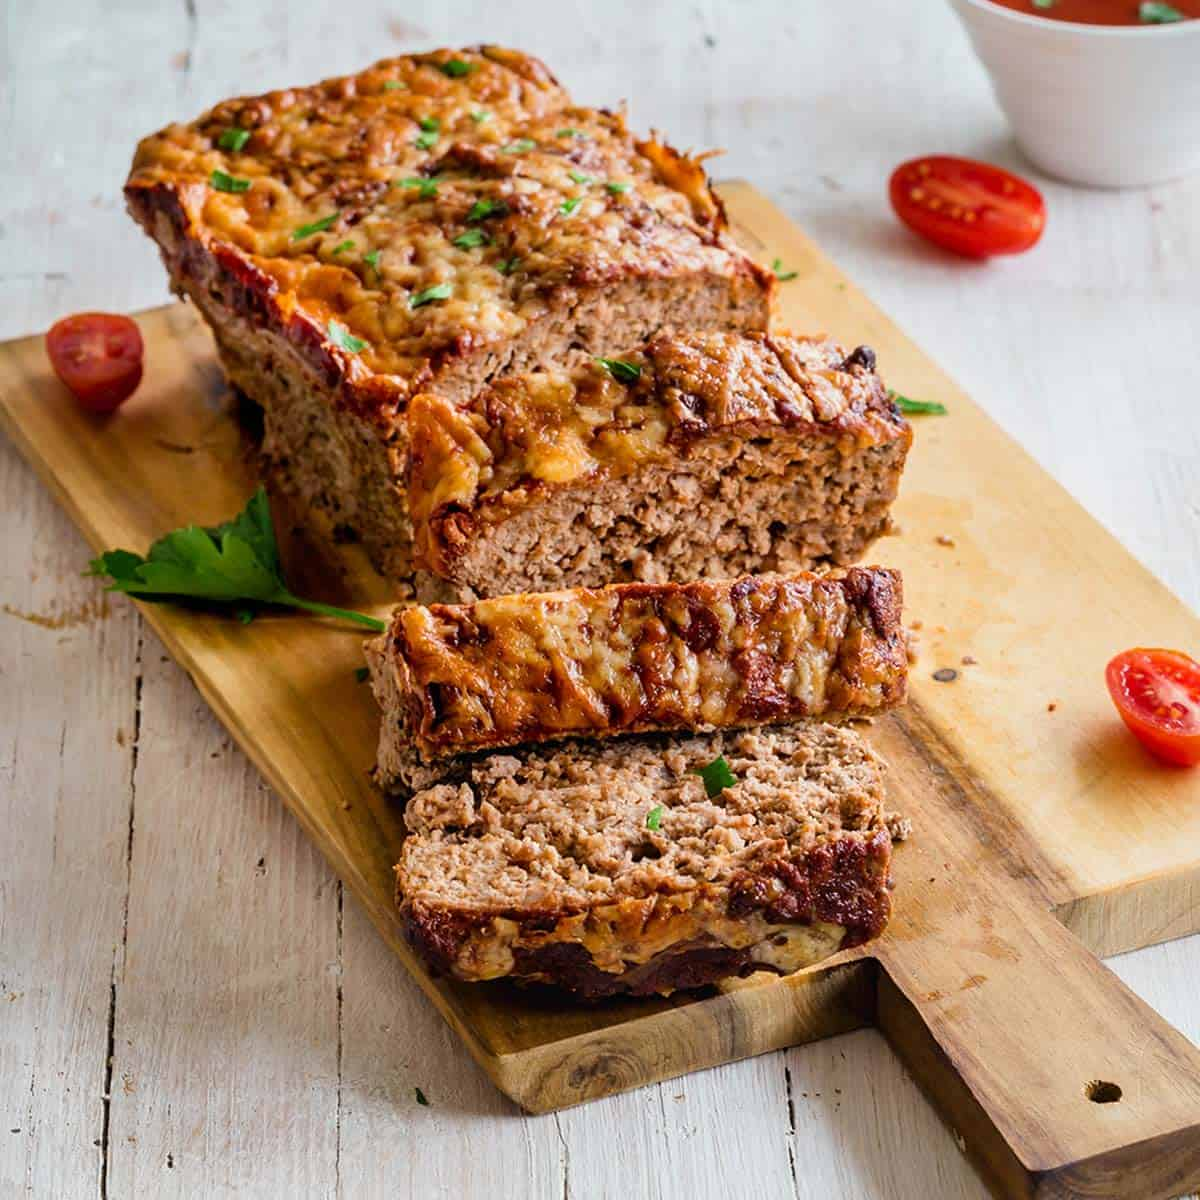 Keto meatloaf sliced on a wooden board